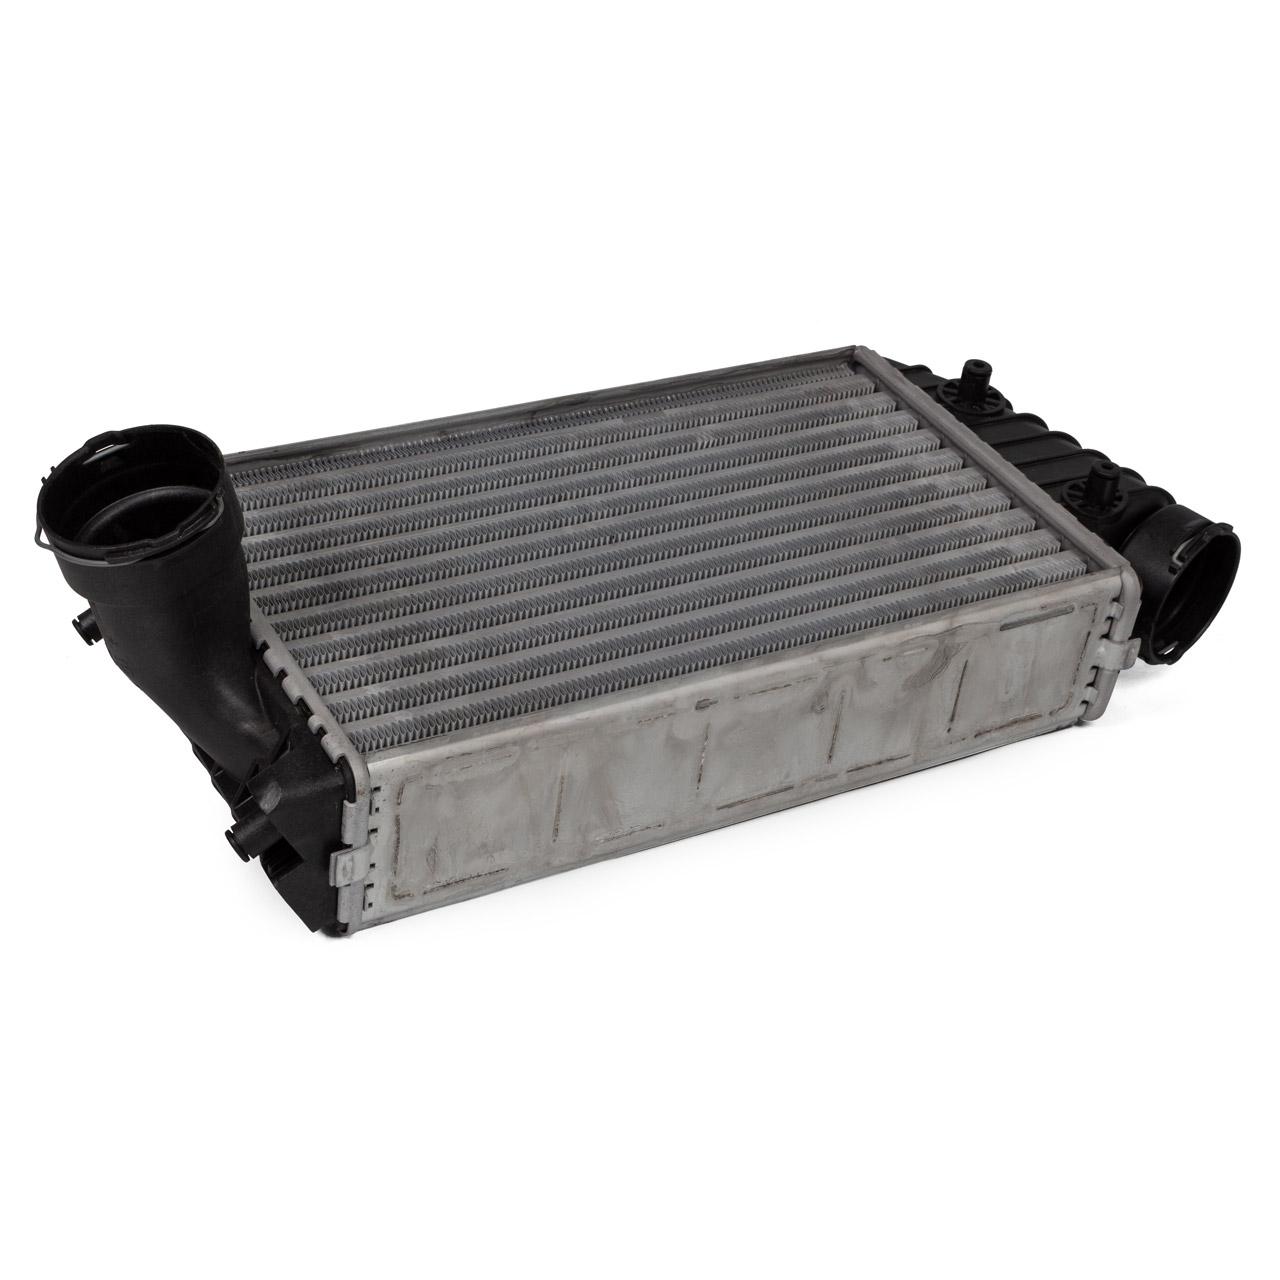 Ladeluftkühler Turbo für PORSCHE 911 (996) 3.6 GT2 462/483 PS links 99611098971